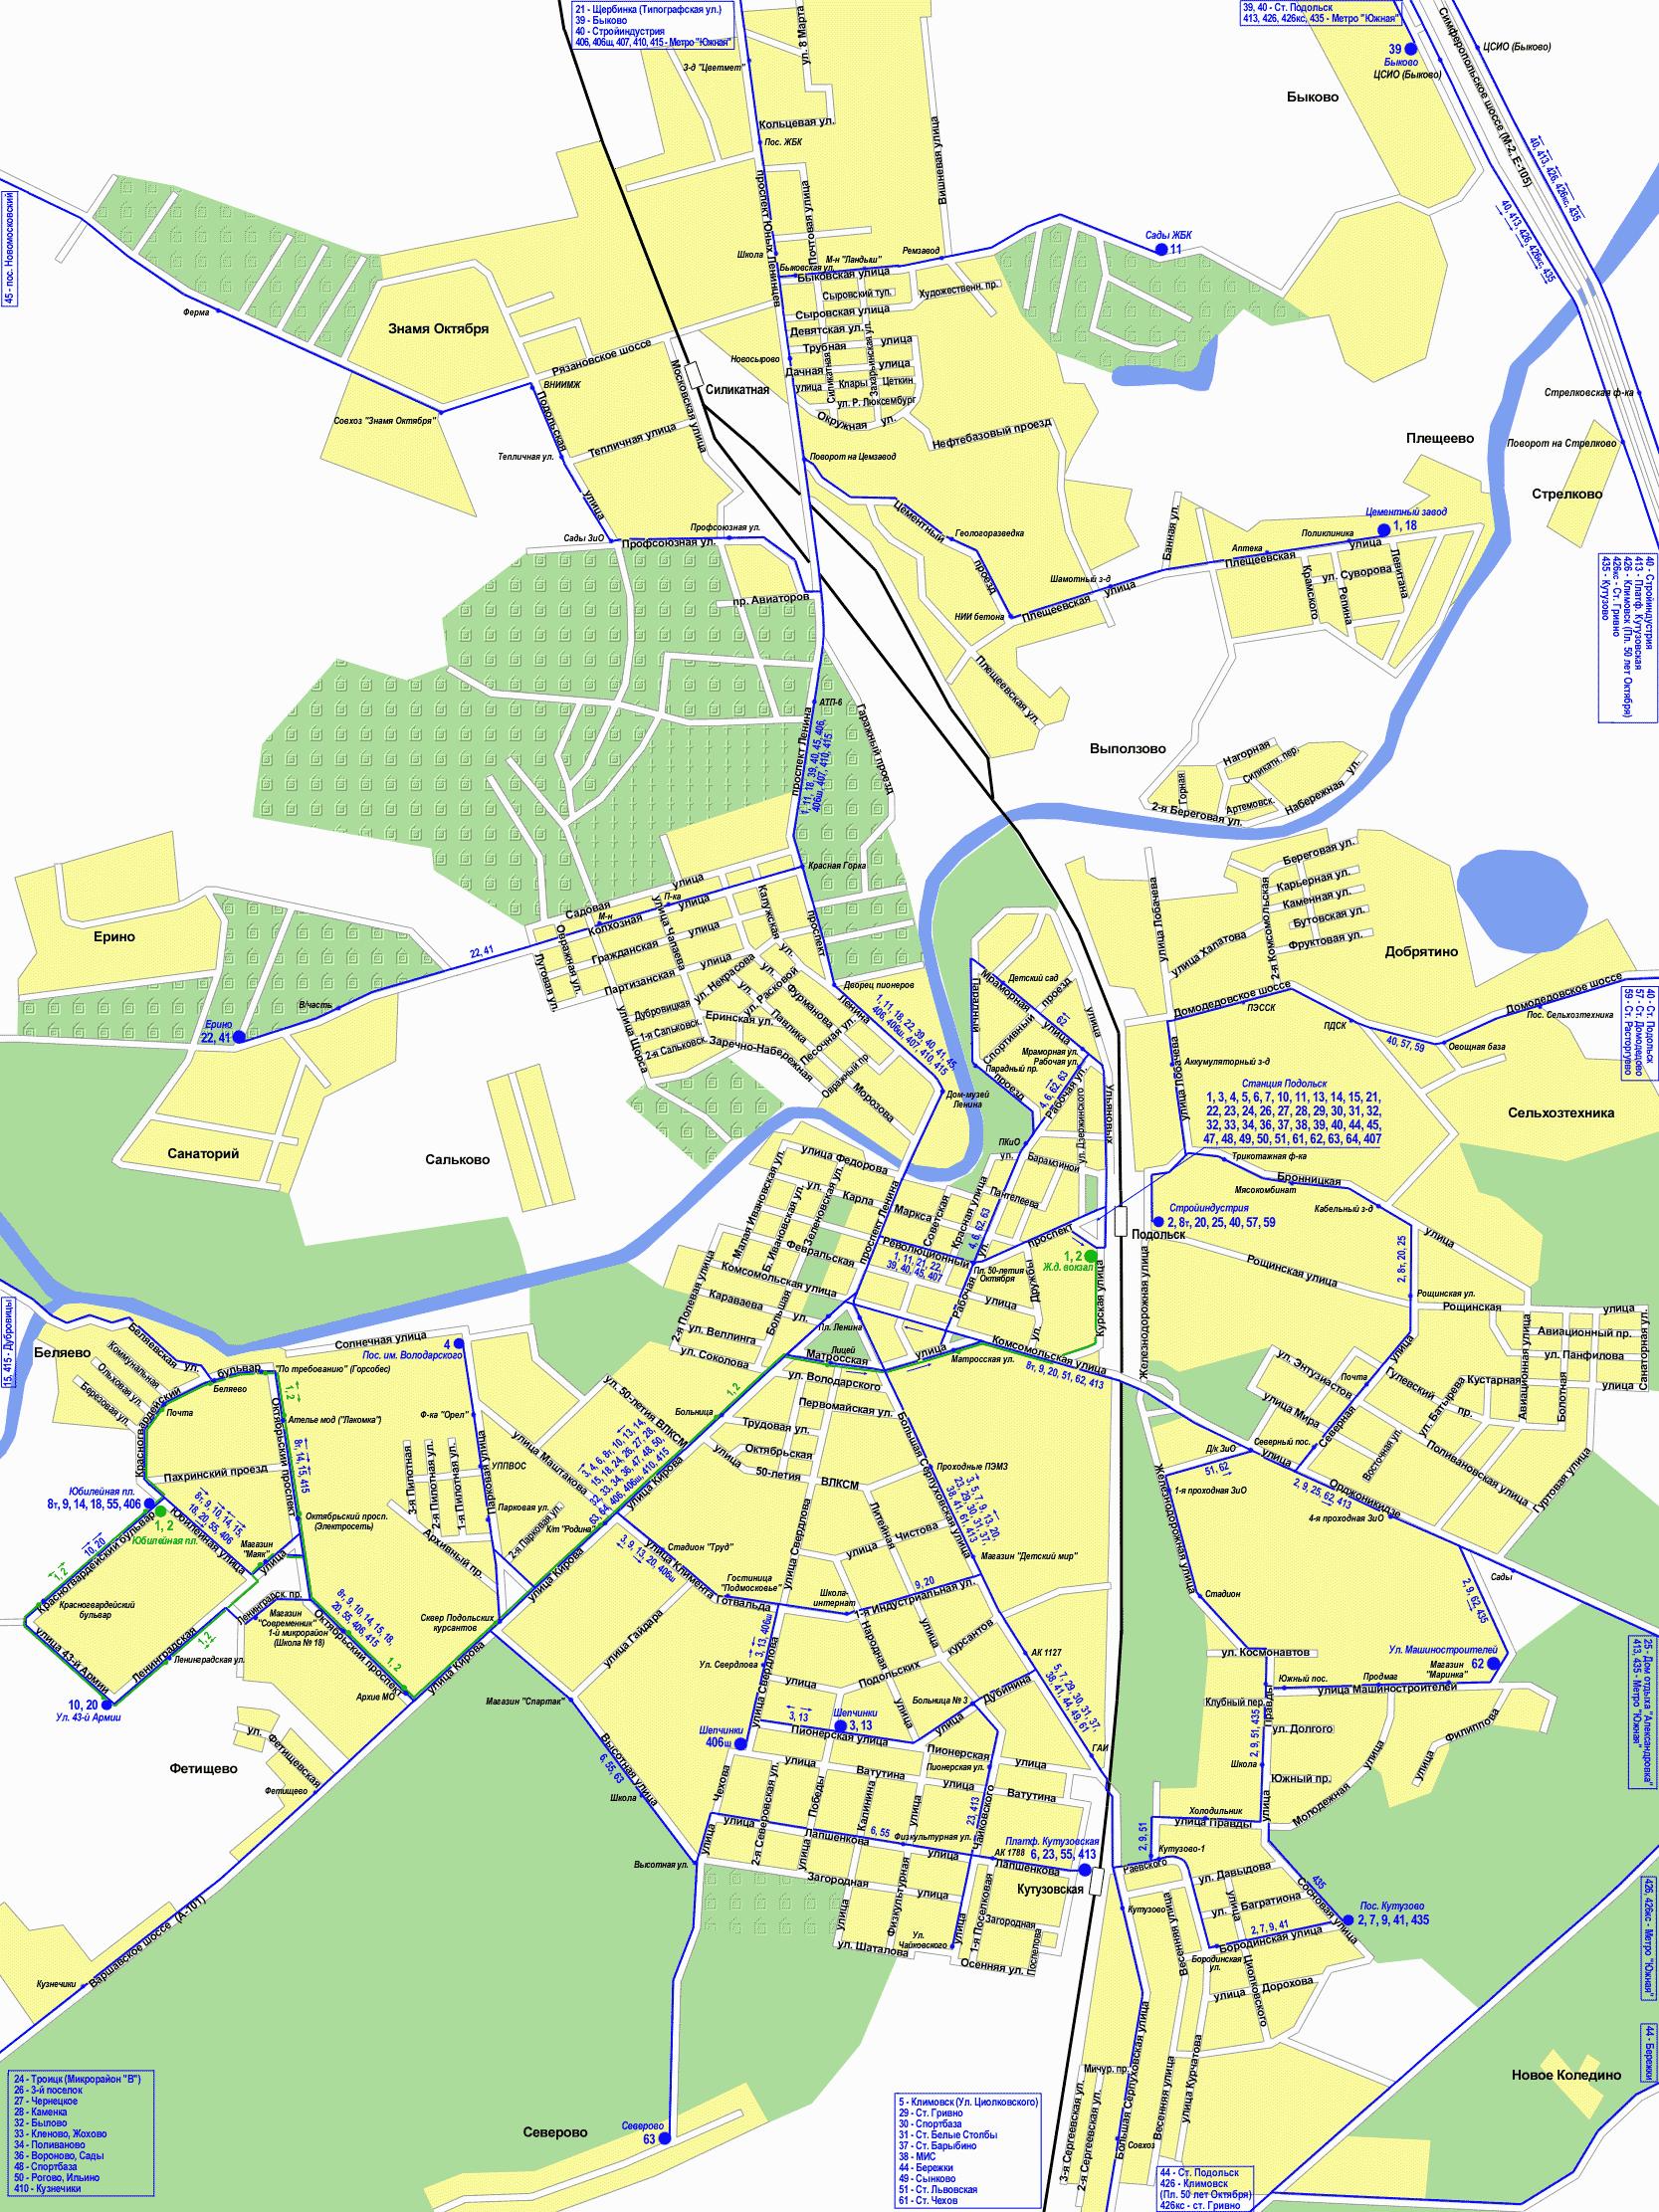 Карта города москвы с улицами и домами подробно смотреть